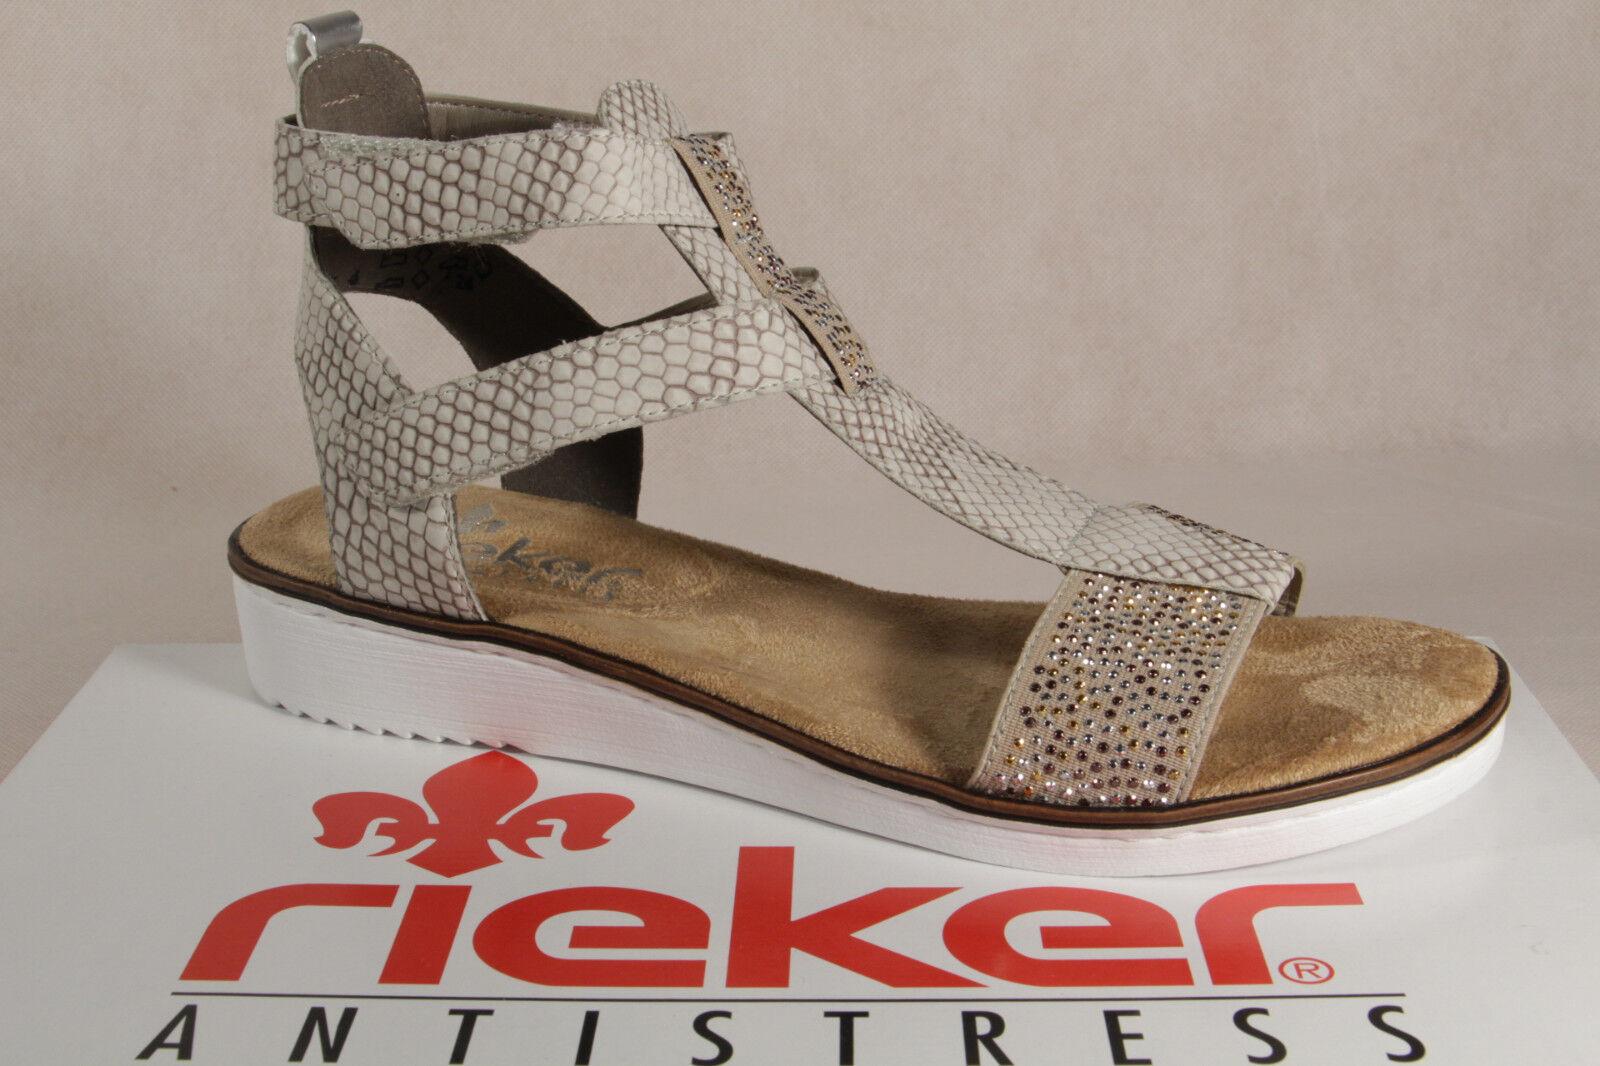 Rieker Damen Sandalen Sandaletten beige multi weiche Innensohle KV 63661 NEU